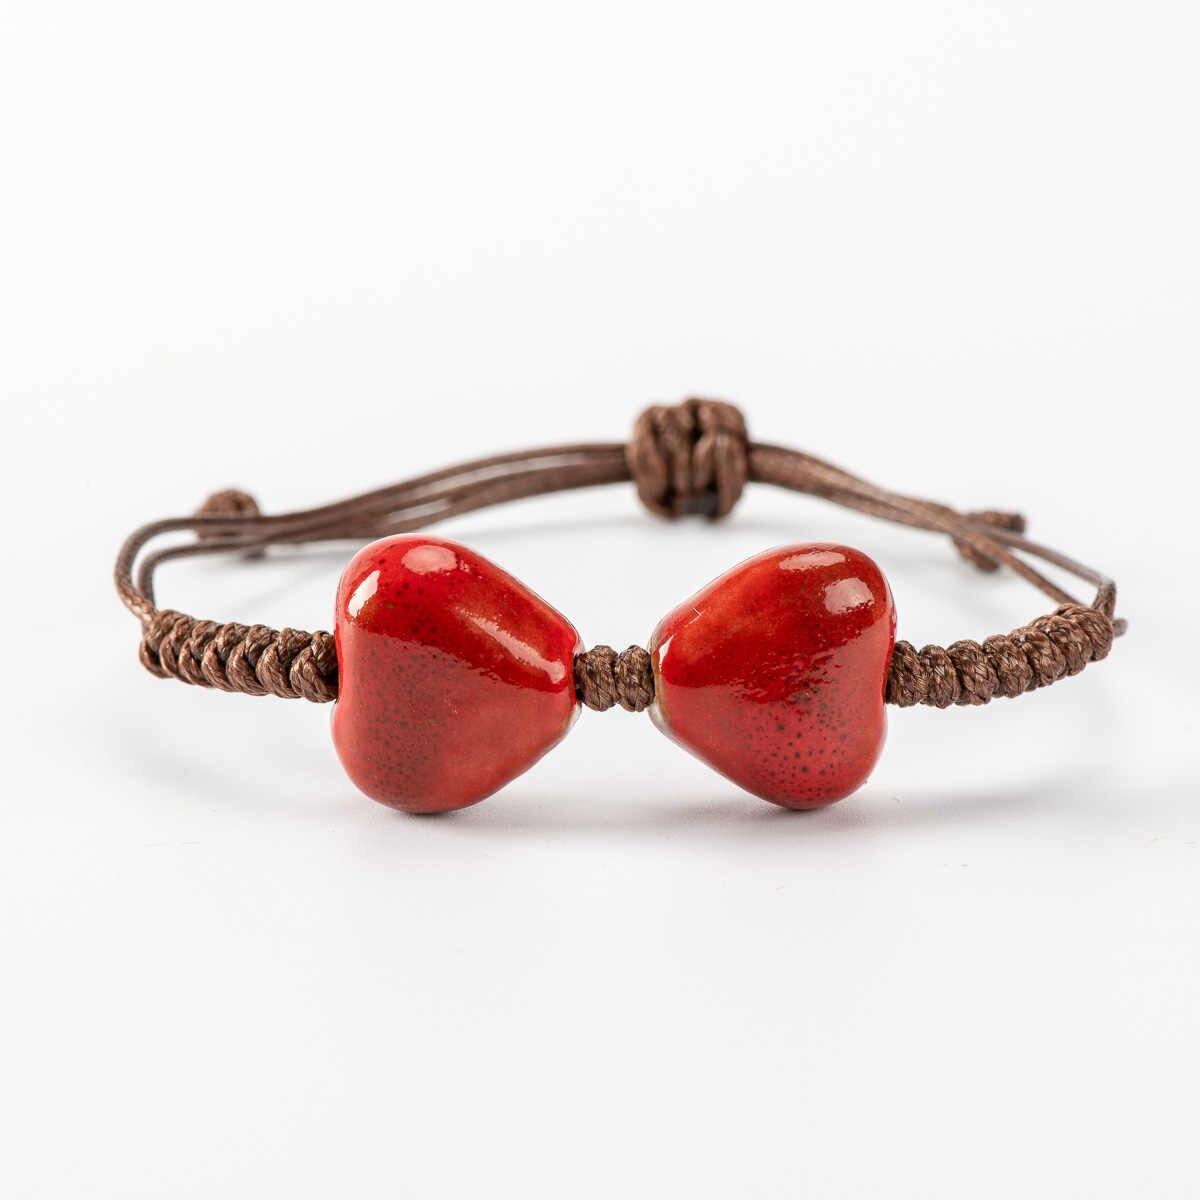 Bracelet en perles de céramique en forme de coeur Boho bricolage Boho bricolage bracelets en céramique livraison directe en gros # HY529